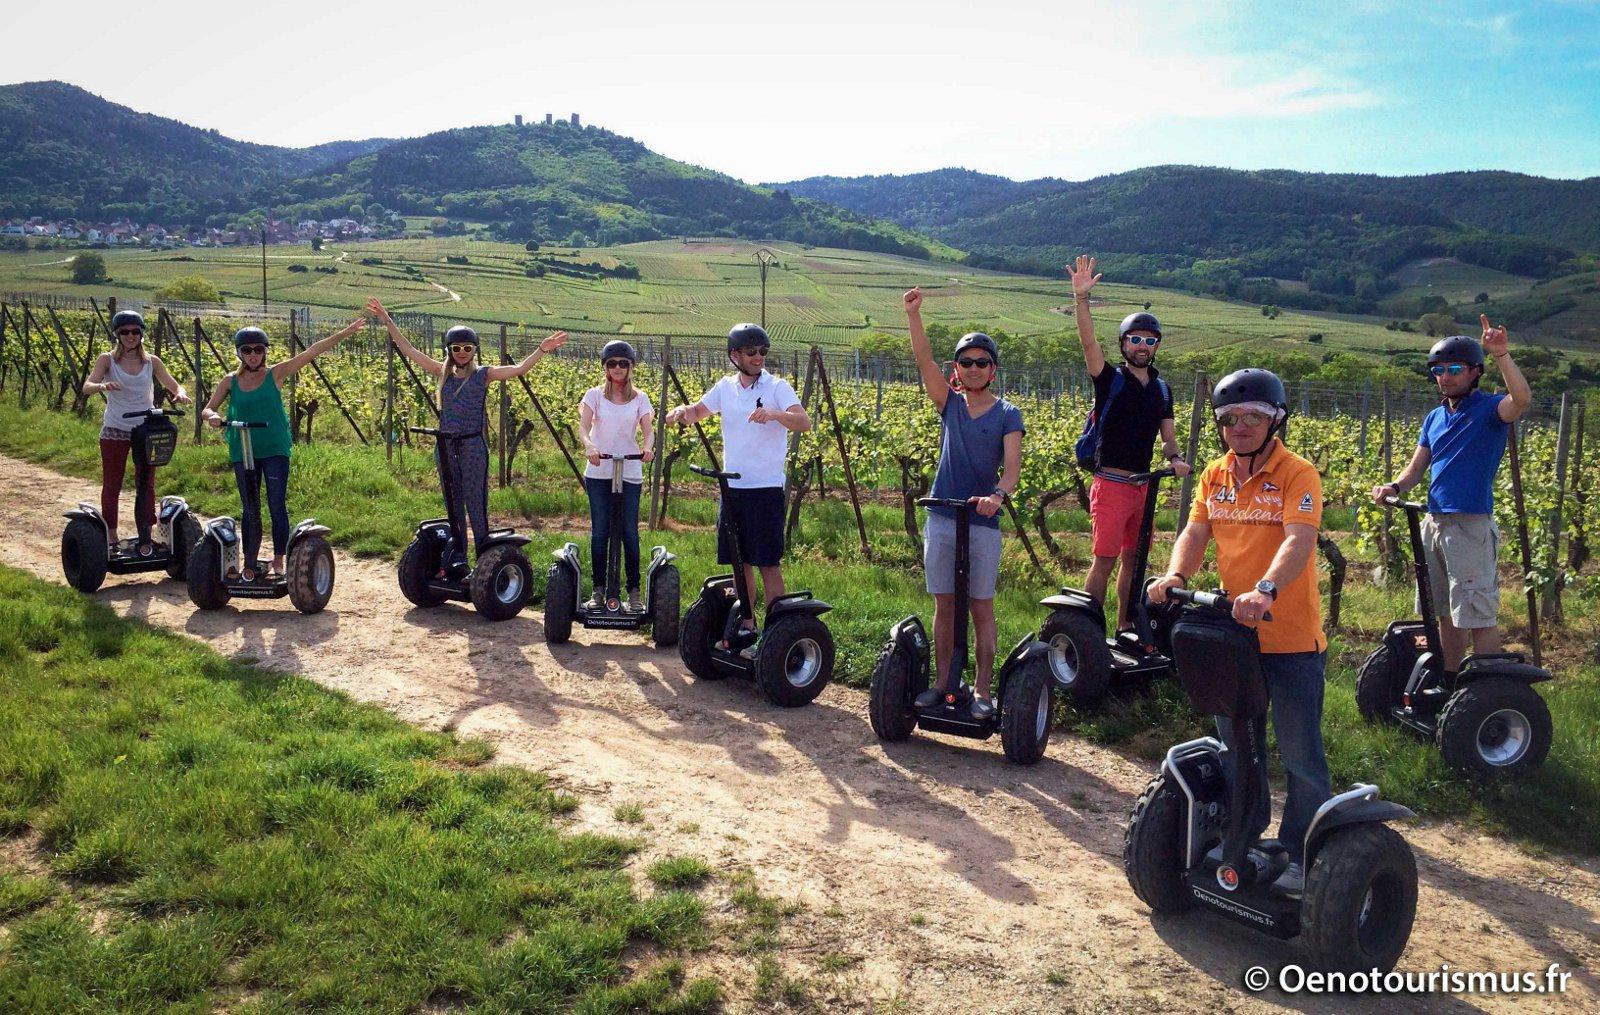 Office de tourisme de colmar en alsace oenotourismus segway dans le vignoble alsacien - Office de tourisme eguisheim ...